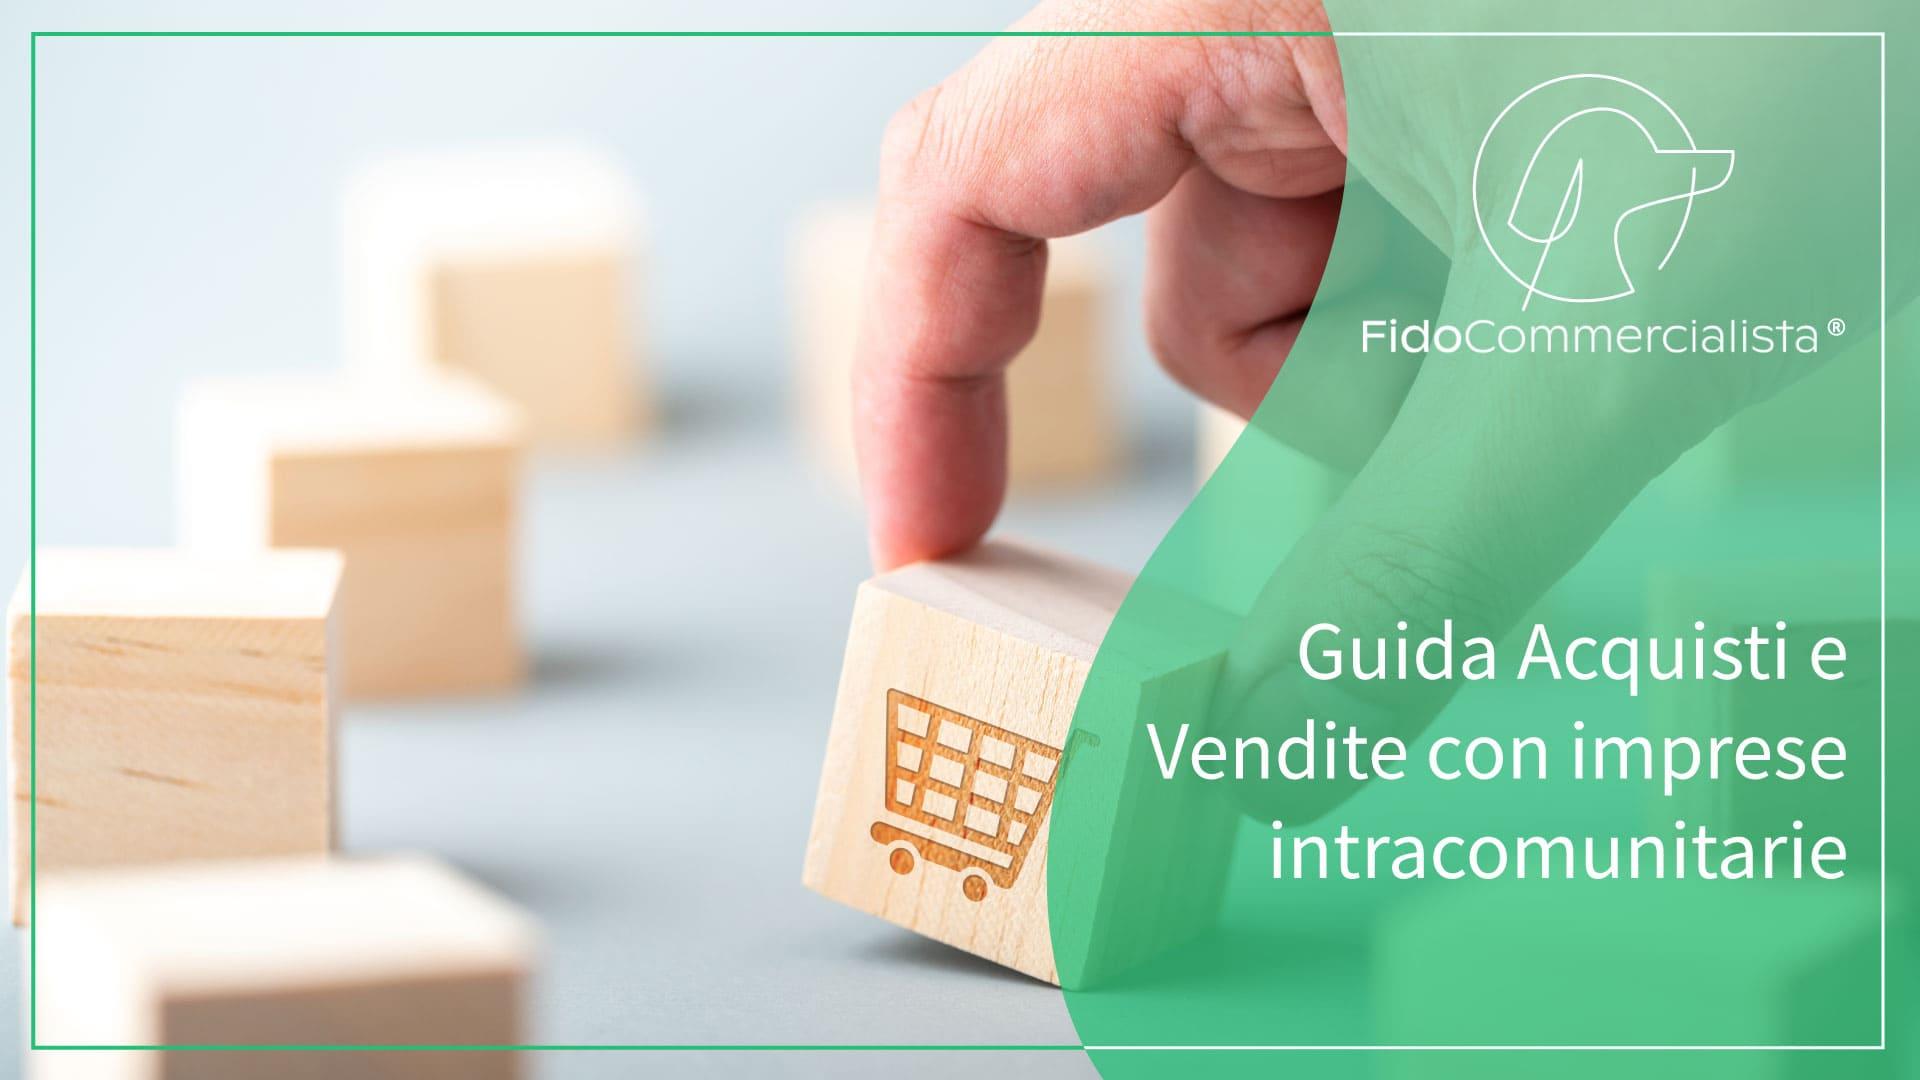 Guida acquisti e vendite effettuate con imprese intracomunitarie